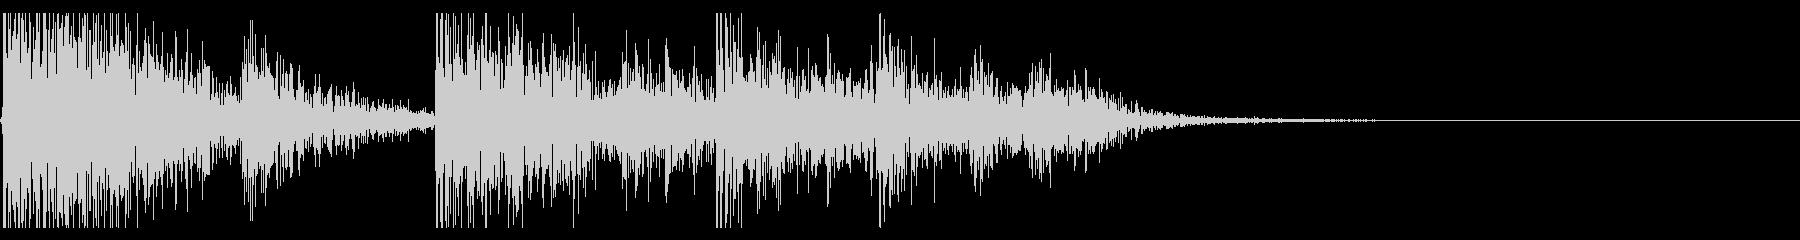 【生録音】ブリキのバケツの音 学校 9の未再生の波形